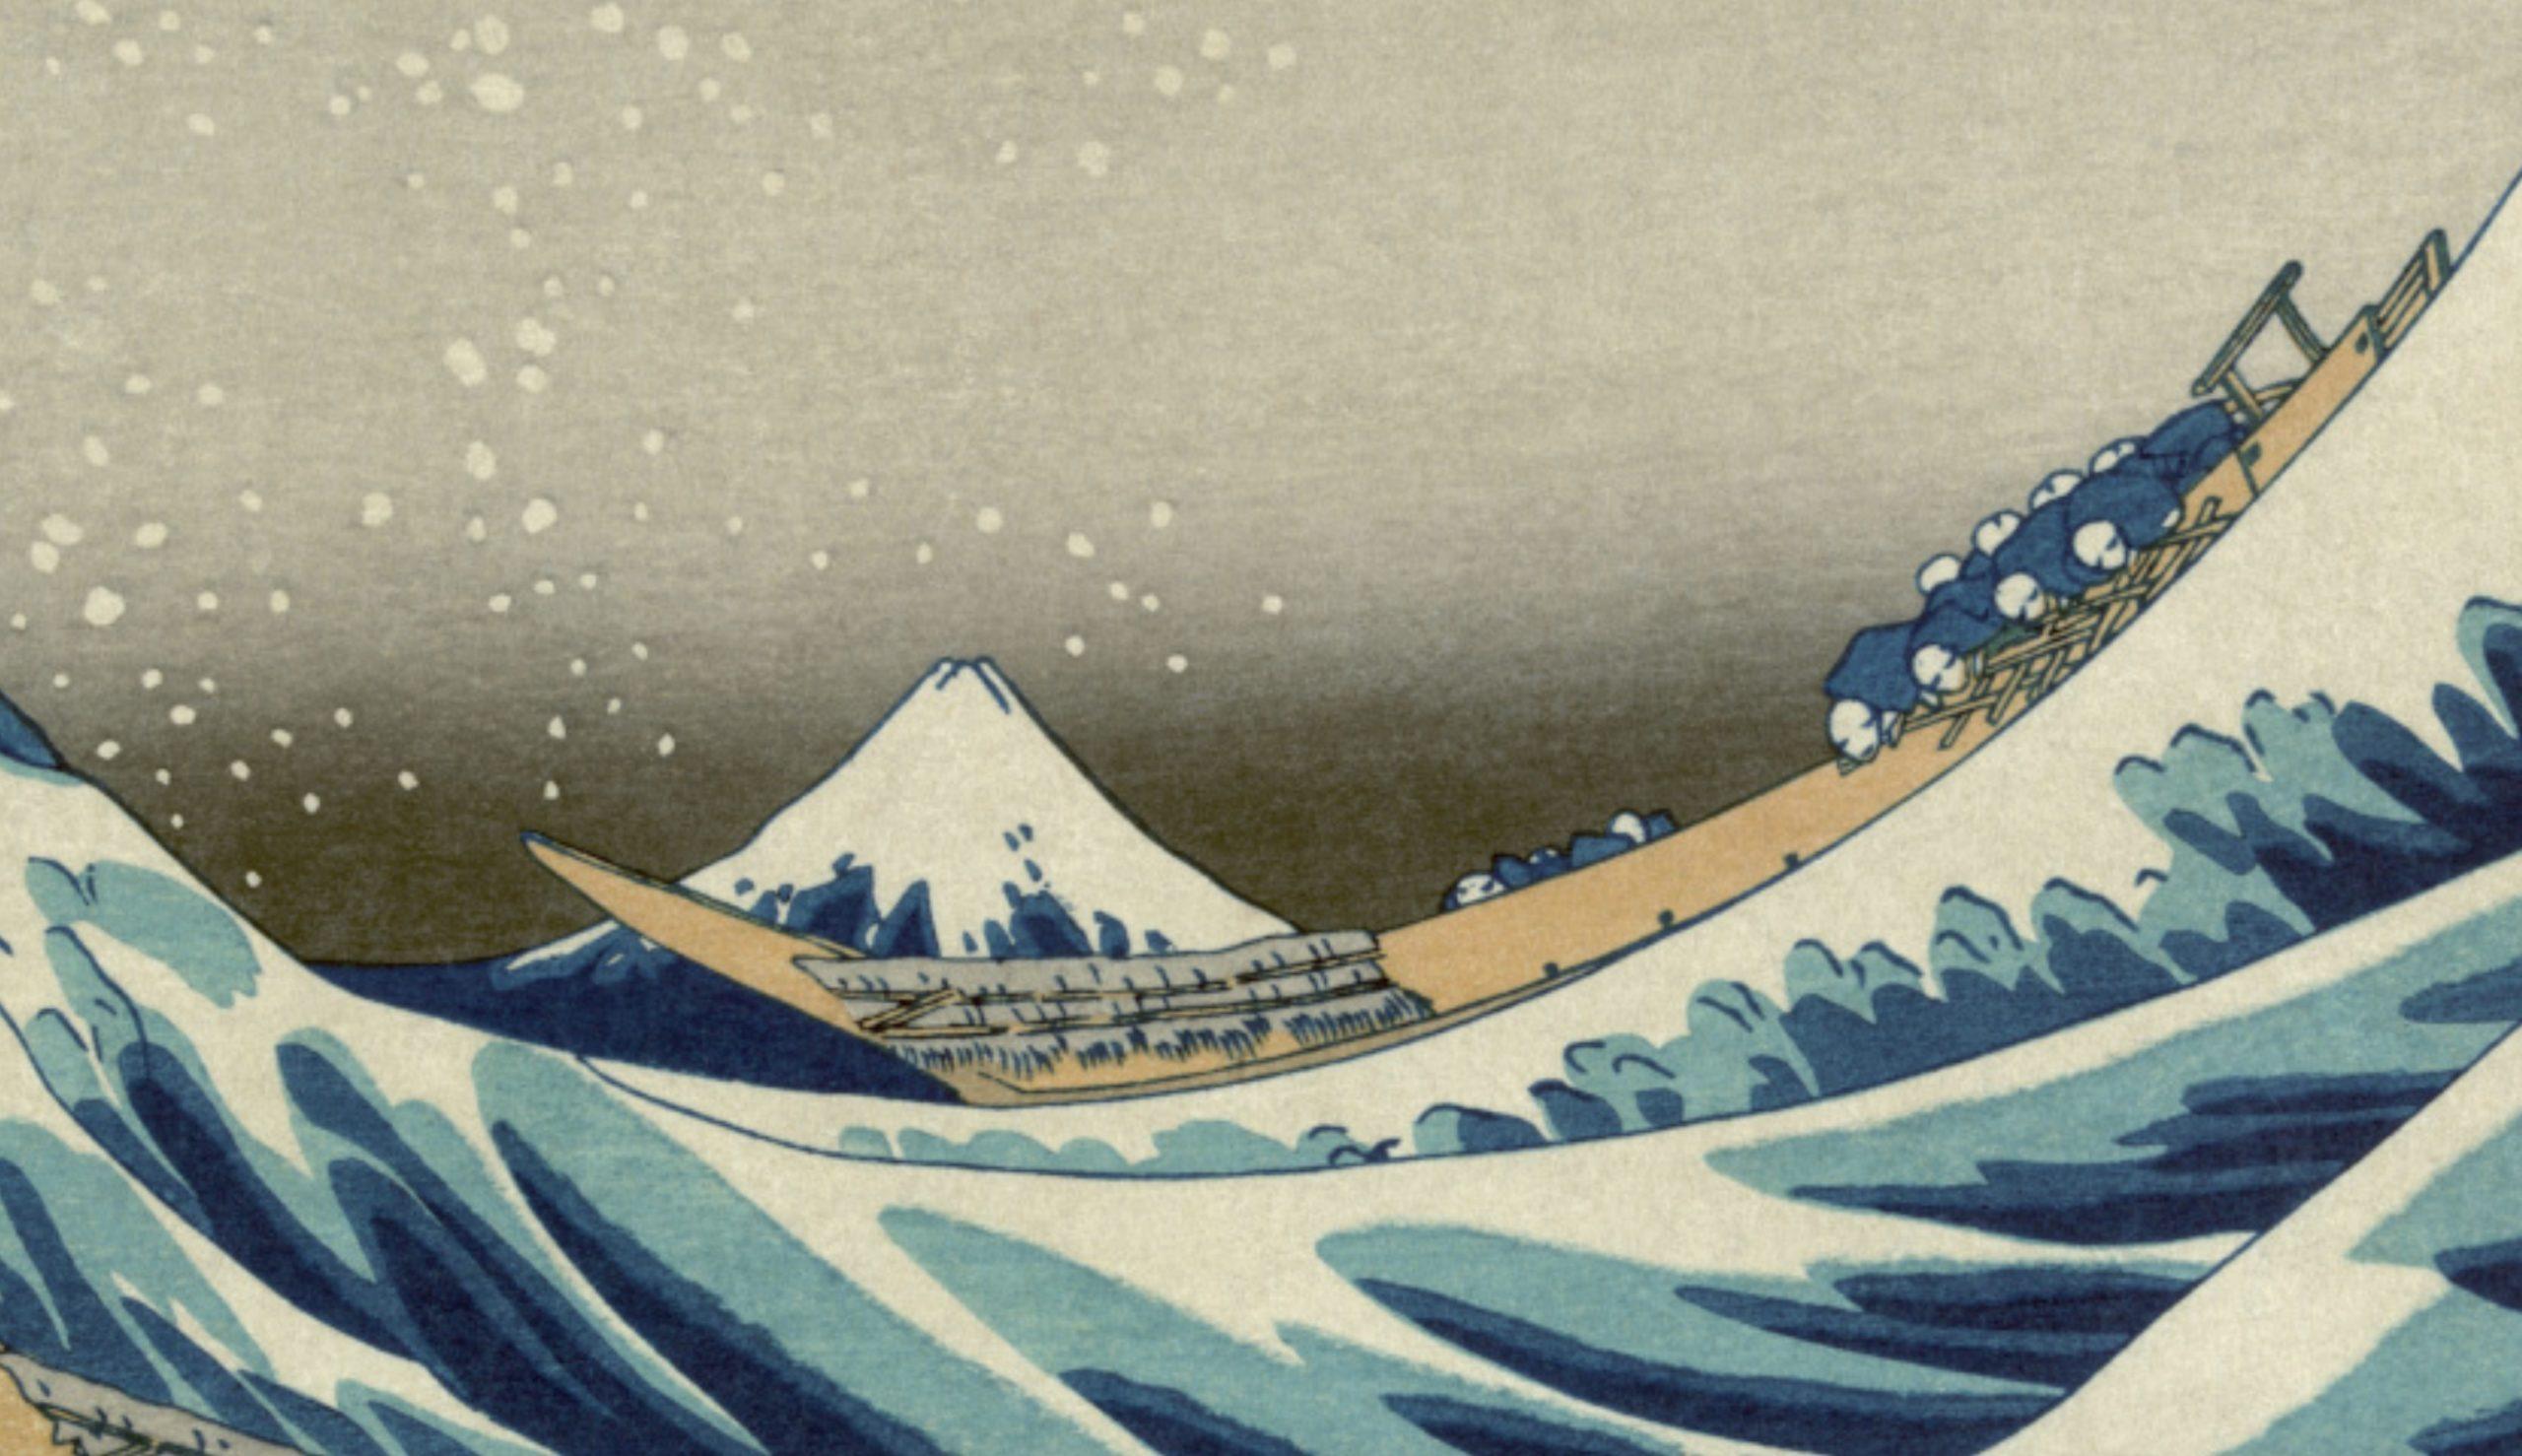 Hokusai, La grande onda di Kanagawa, 1830-1831 circa, xilografia, 25,7 x 37,9 cm. Museo di Hakone- dettaglio